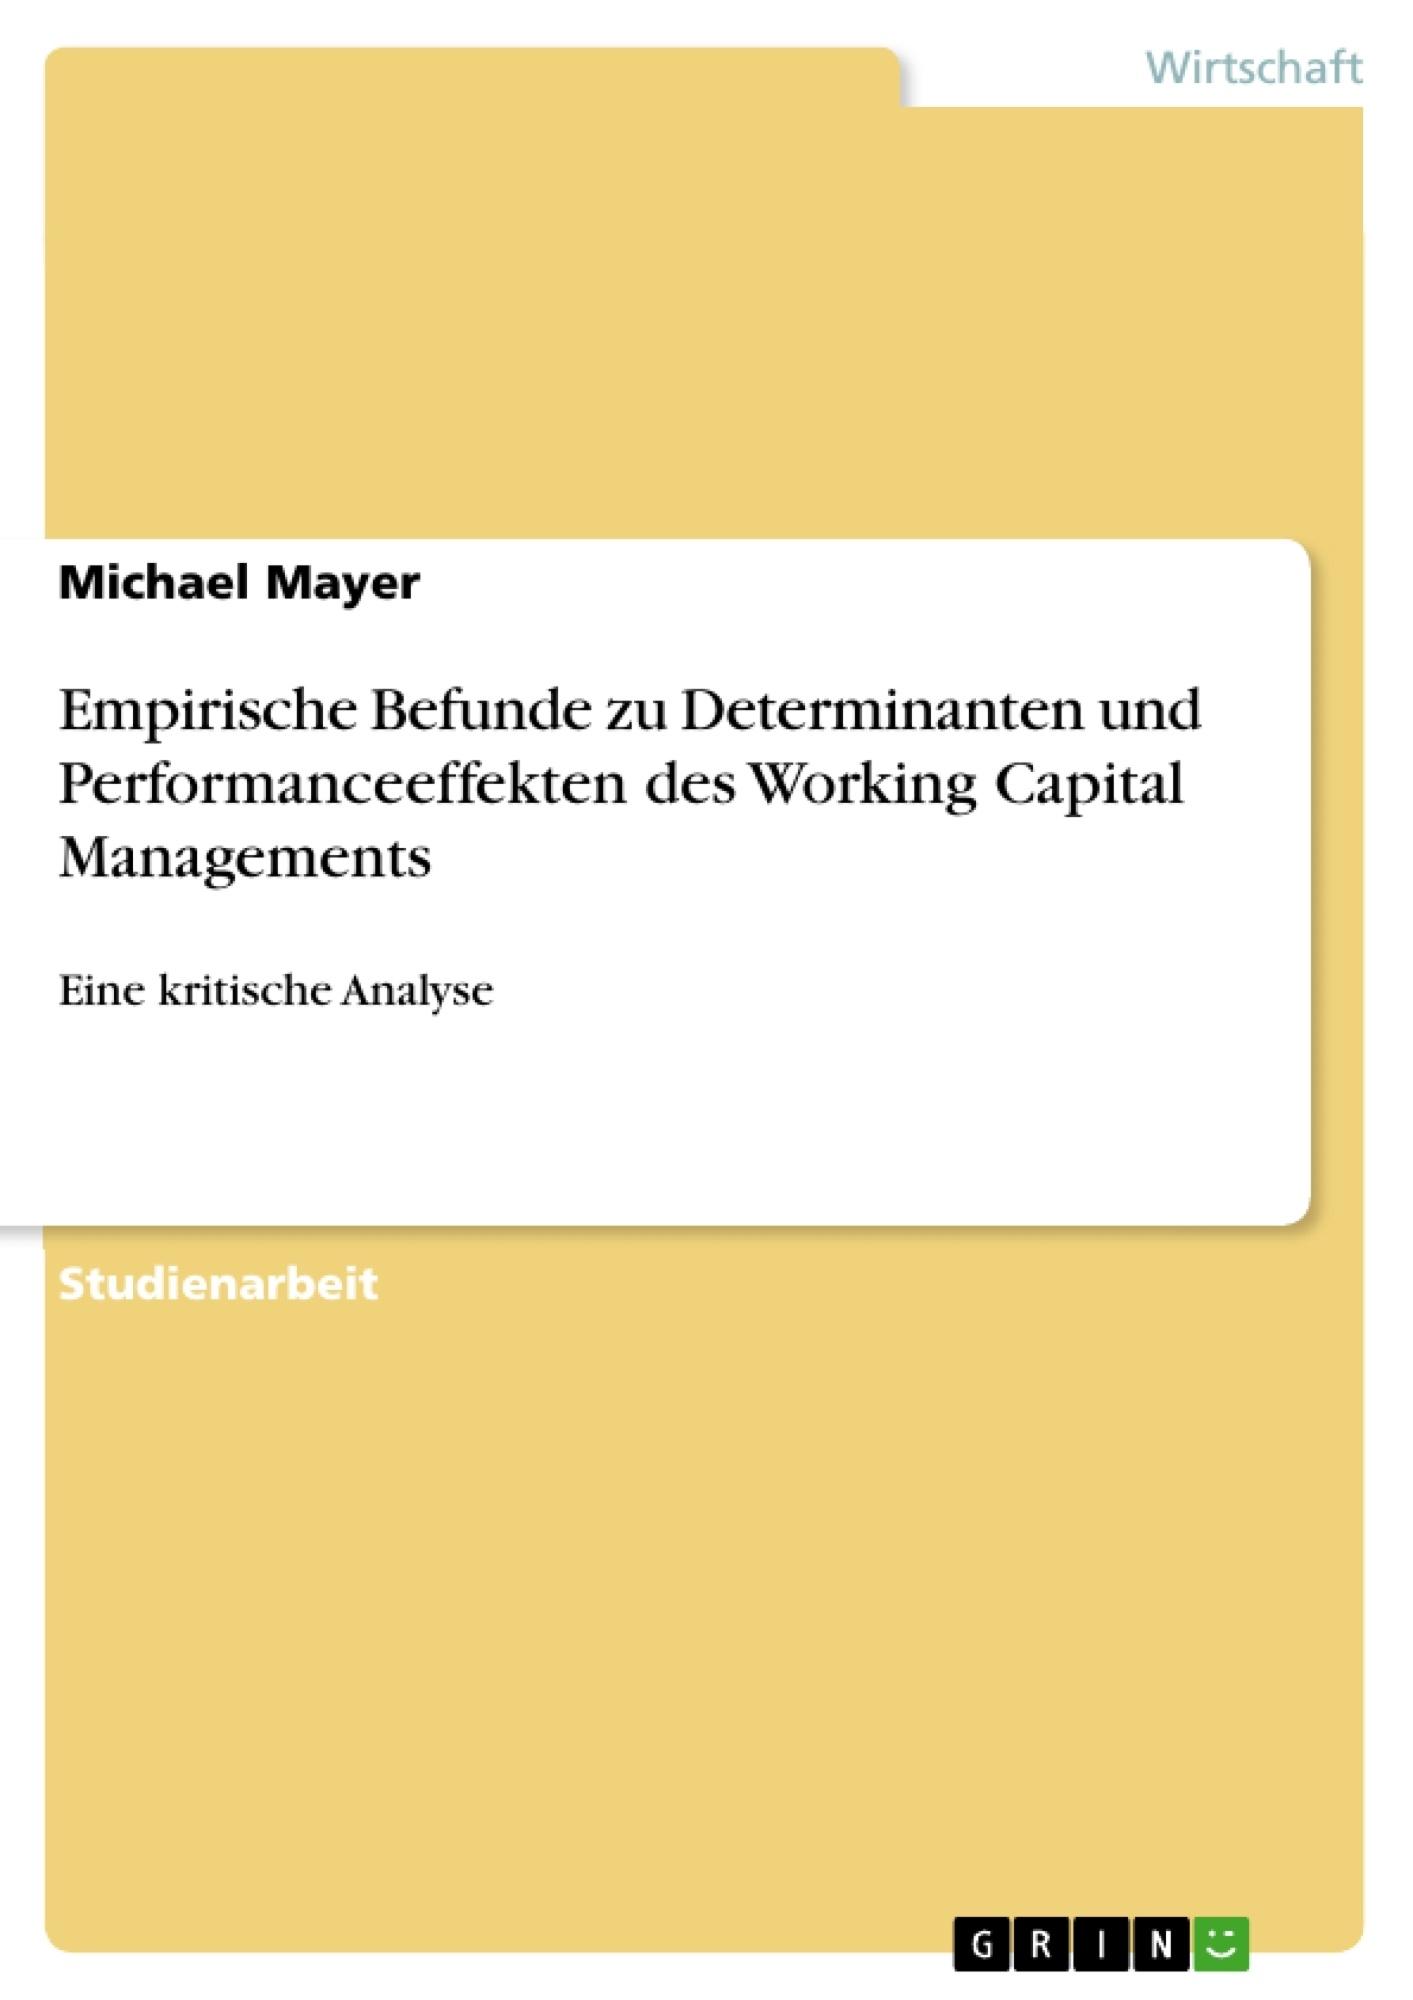 Titel: Empirische Befunde zu Determinanten und Performanceeffekten des Working Capital Managements